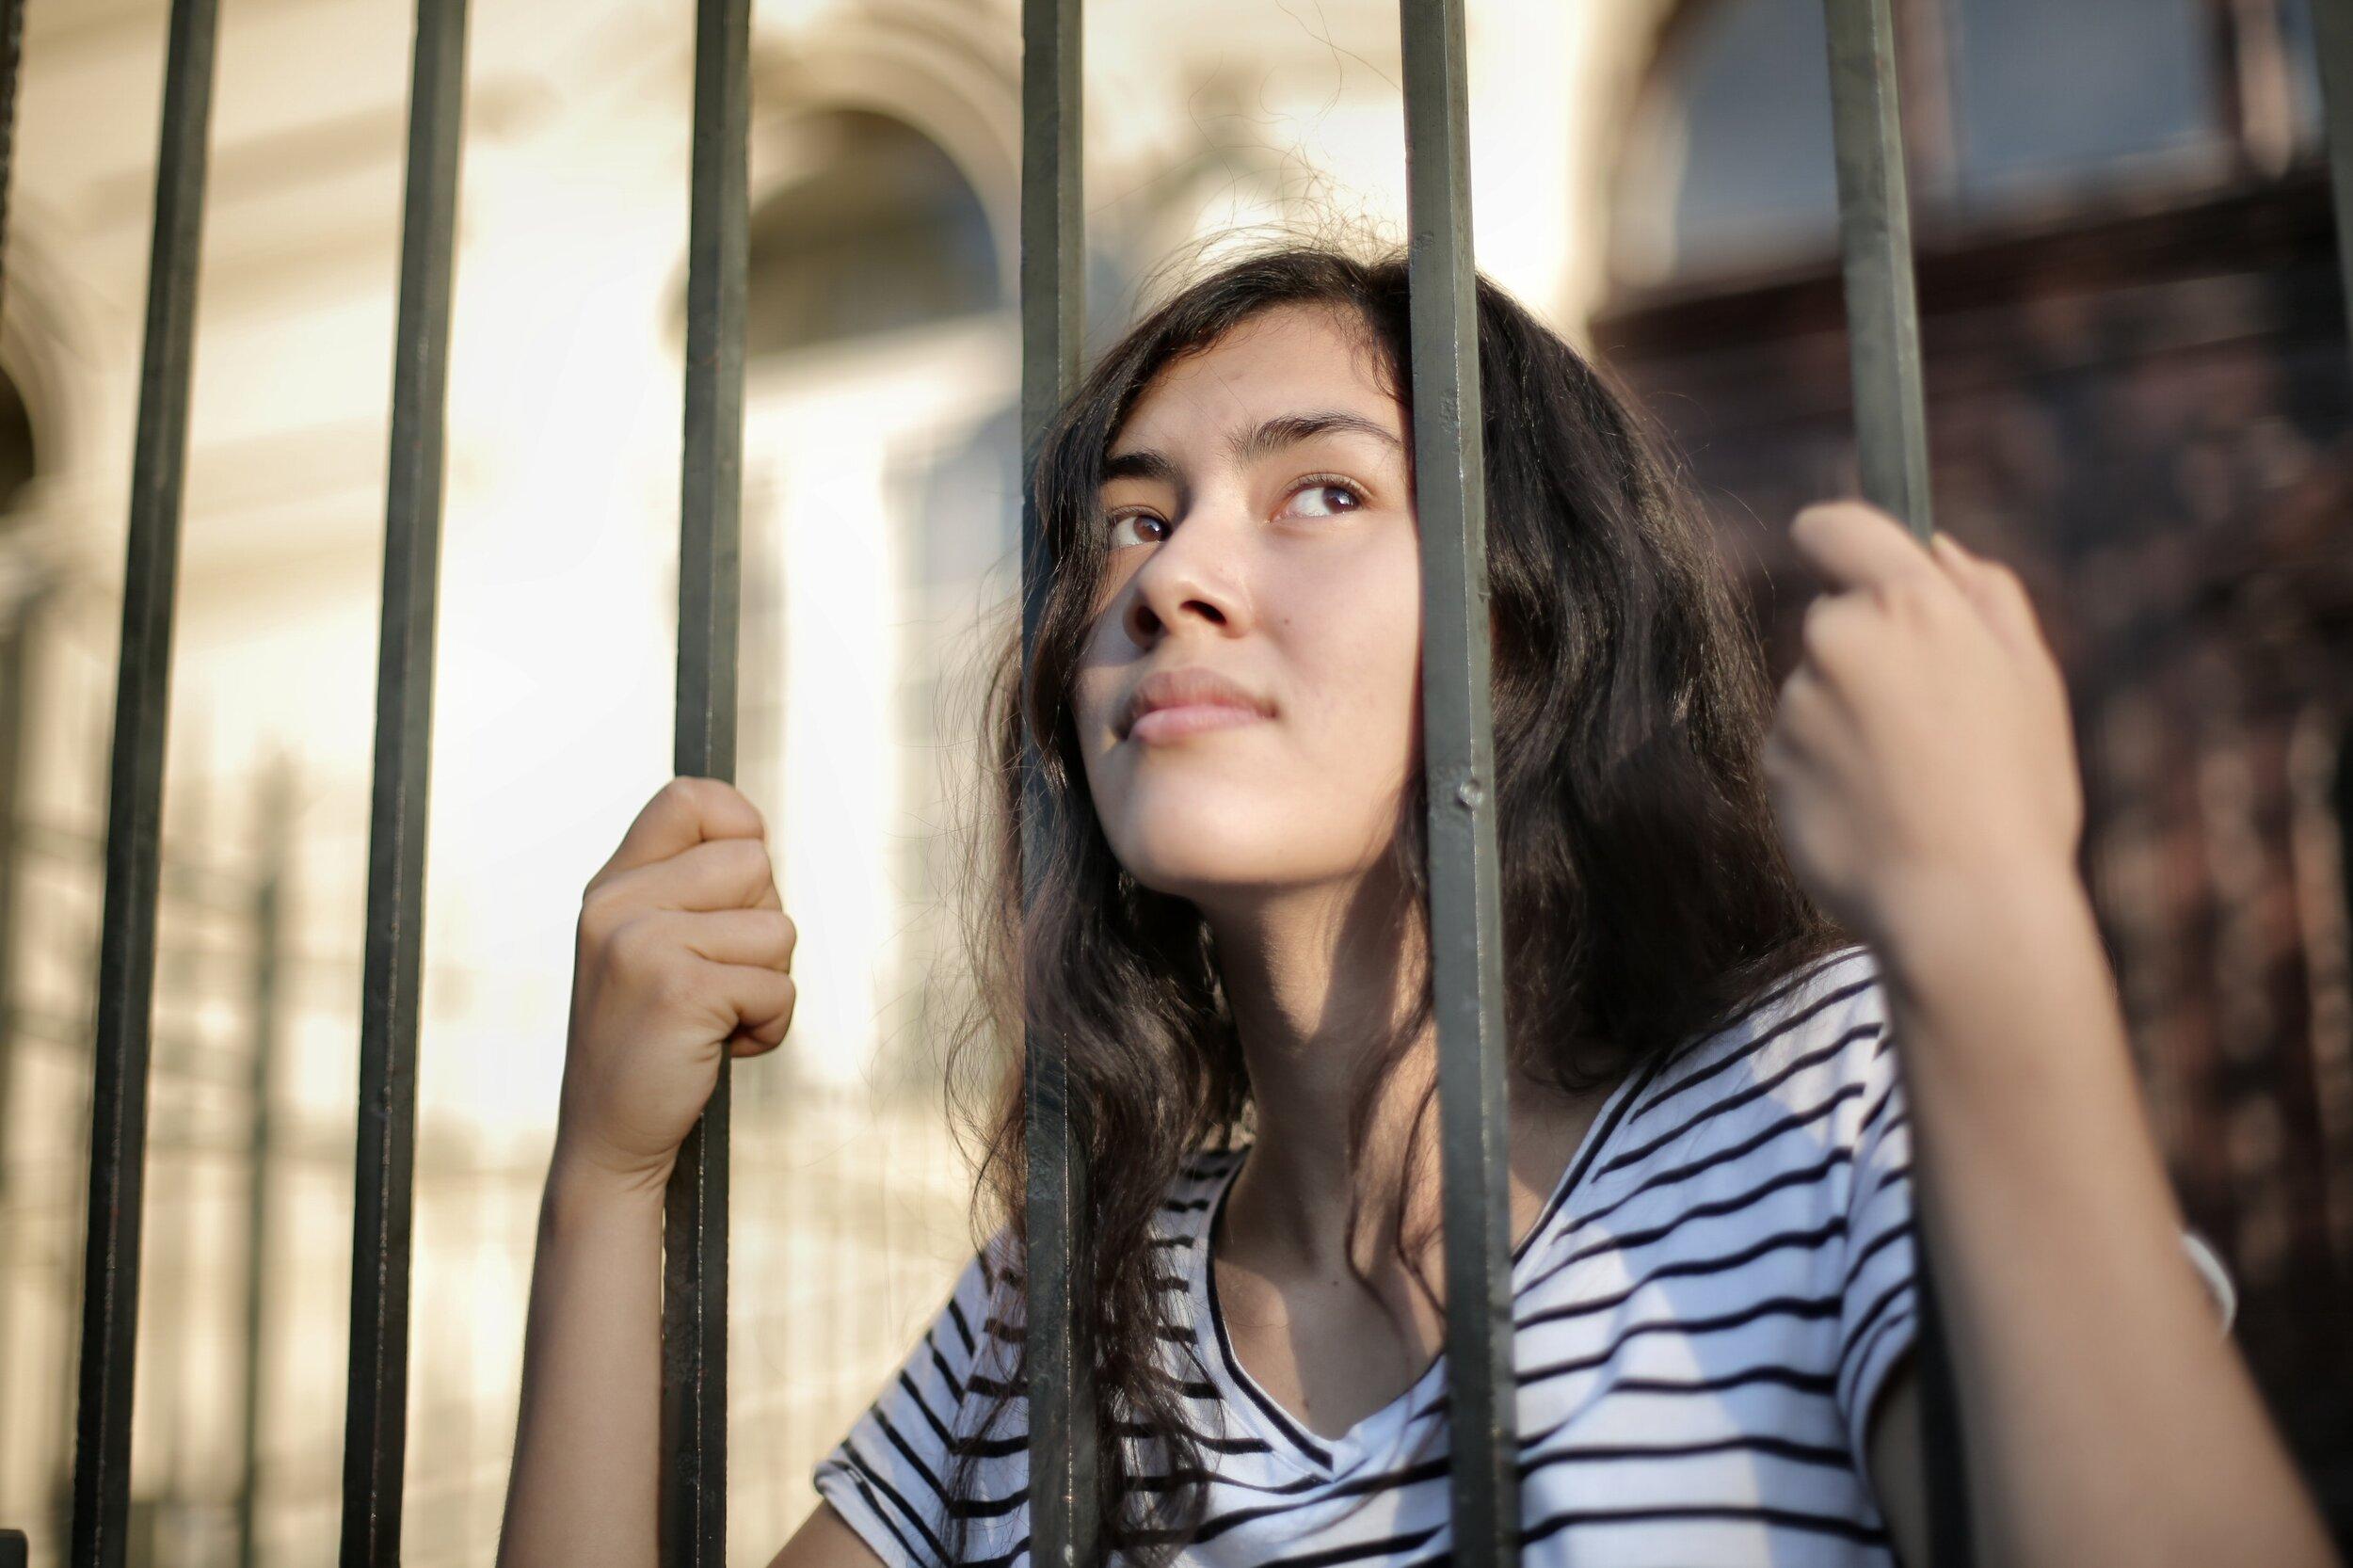 Why are Pregnant Women in Prison? — FiLiA